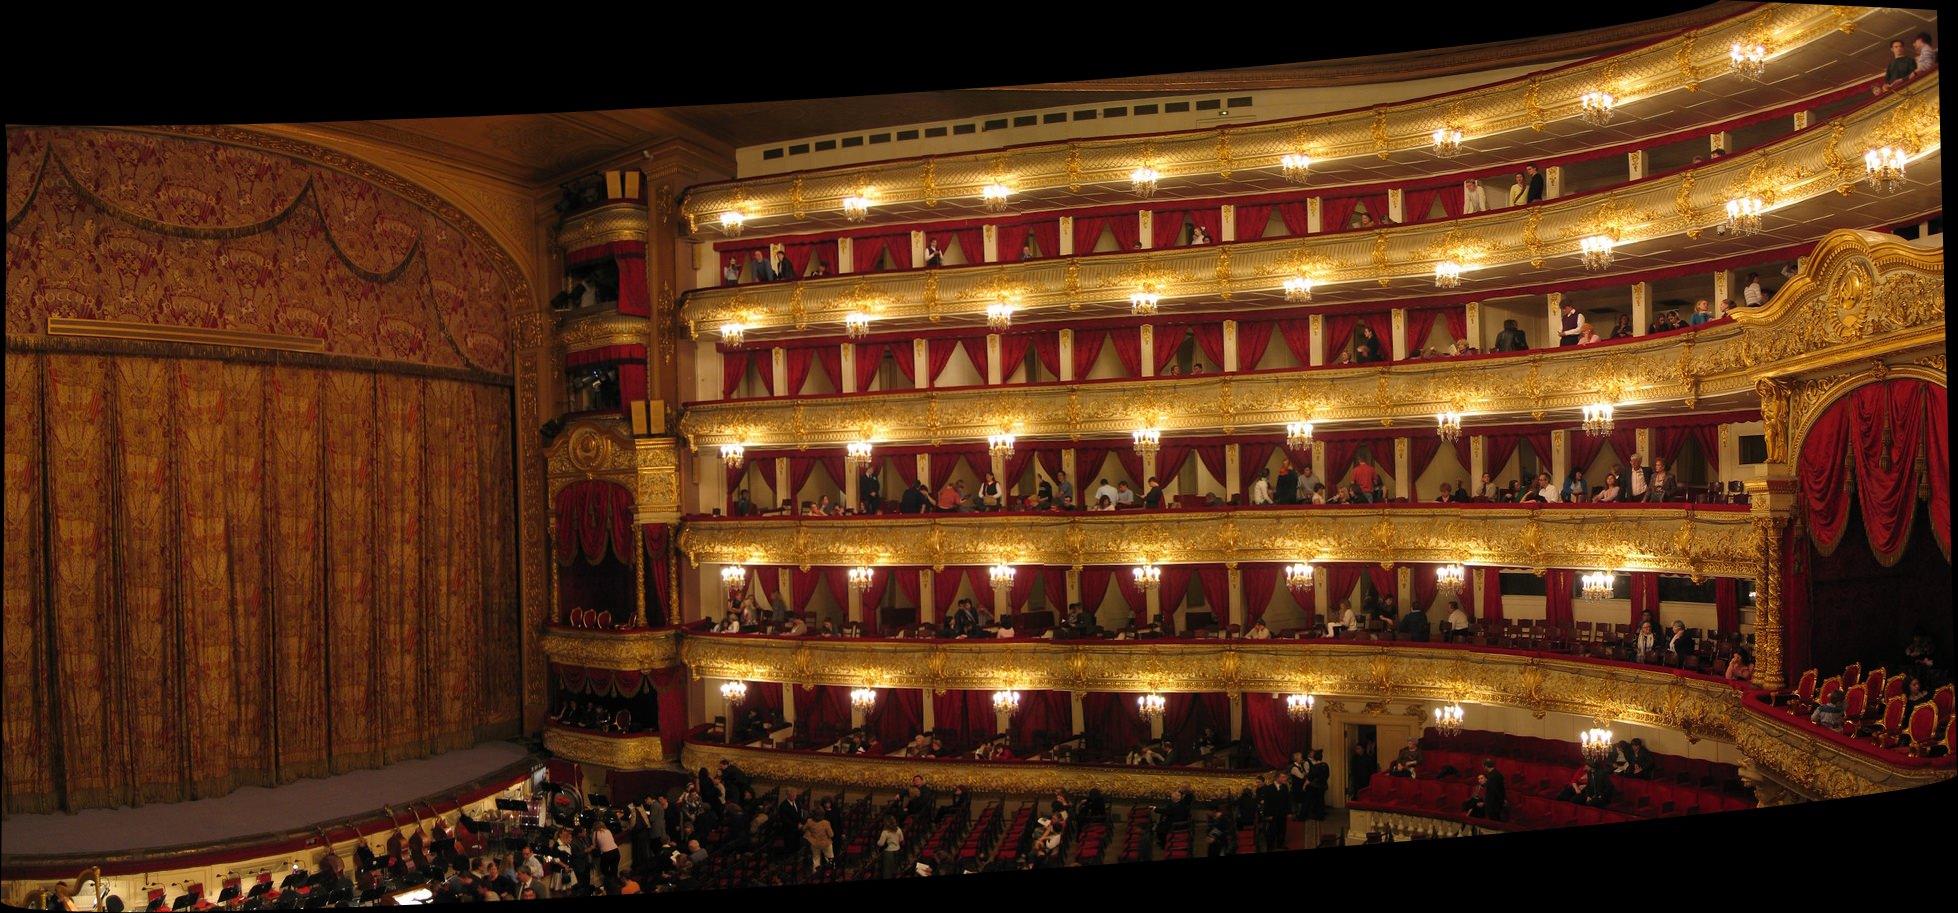 9 Moscow Bolshoi Theatre